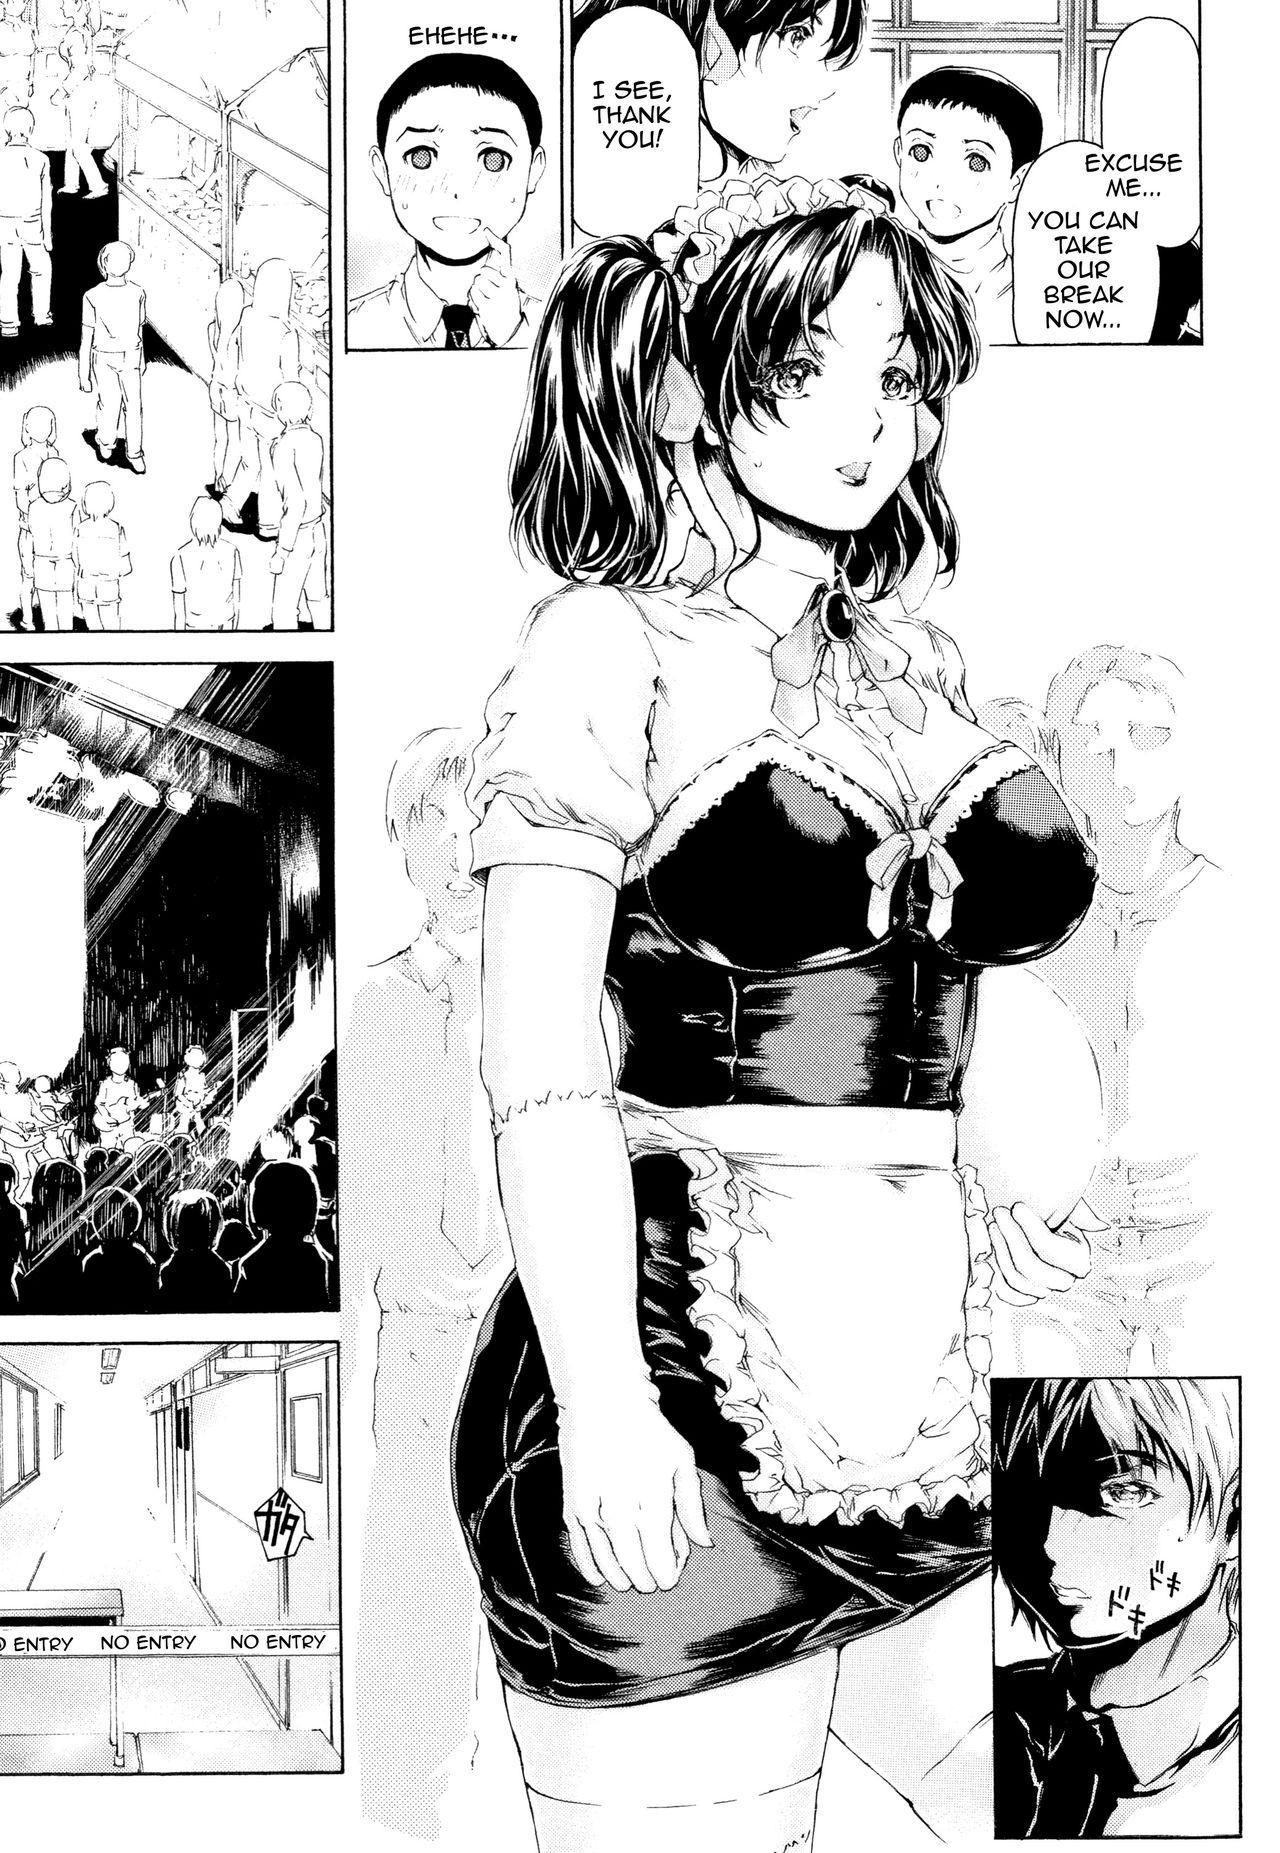 [Narita Kyousha] 9-ji kara 5-ji made no Koibito 8 [English][Amoskandy] 9